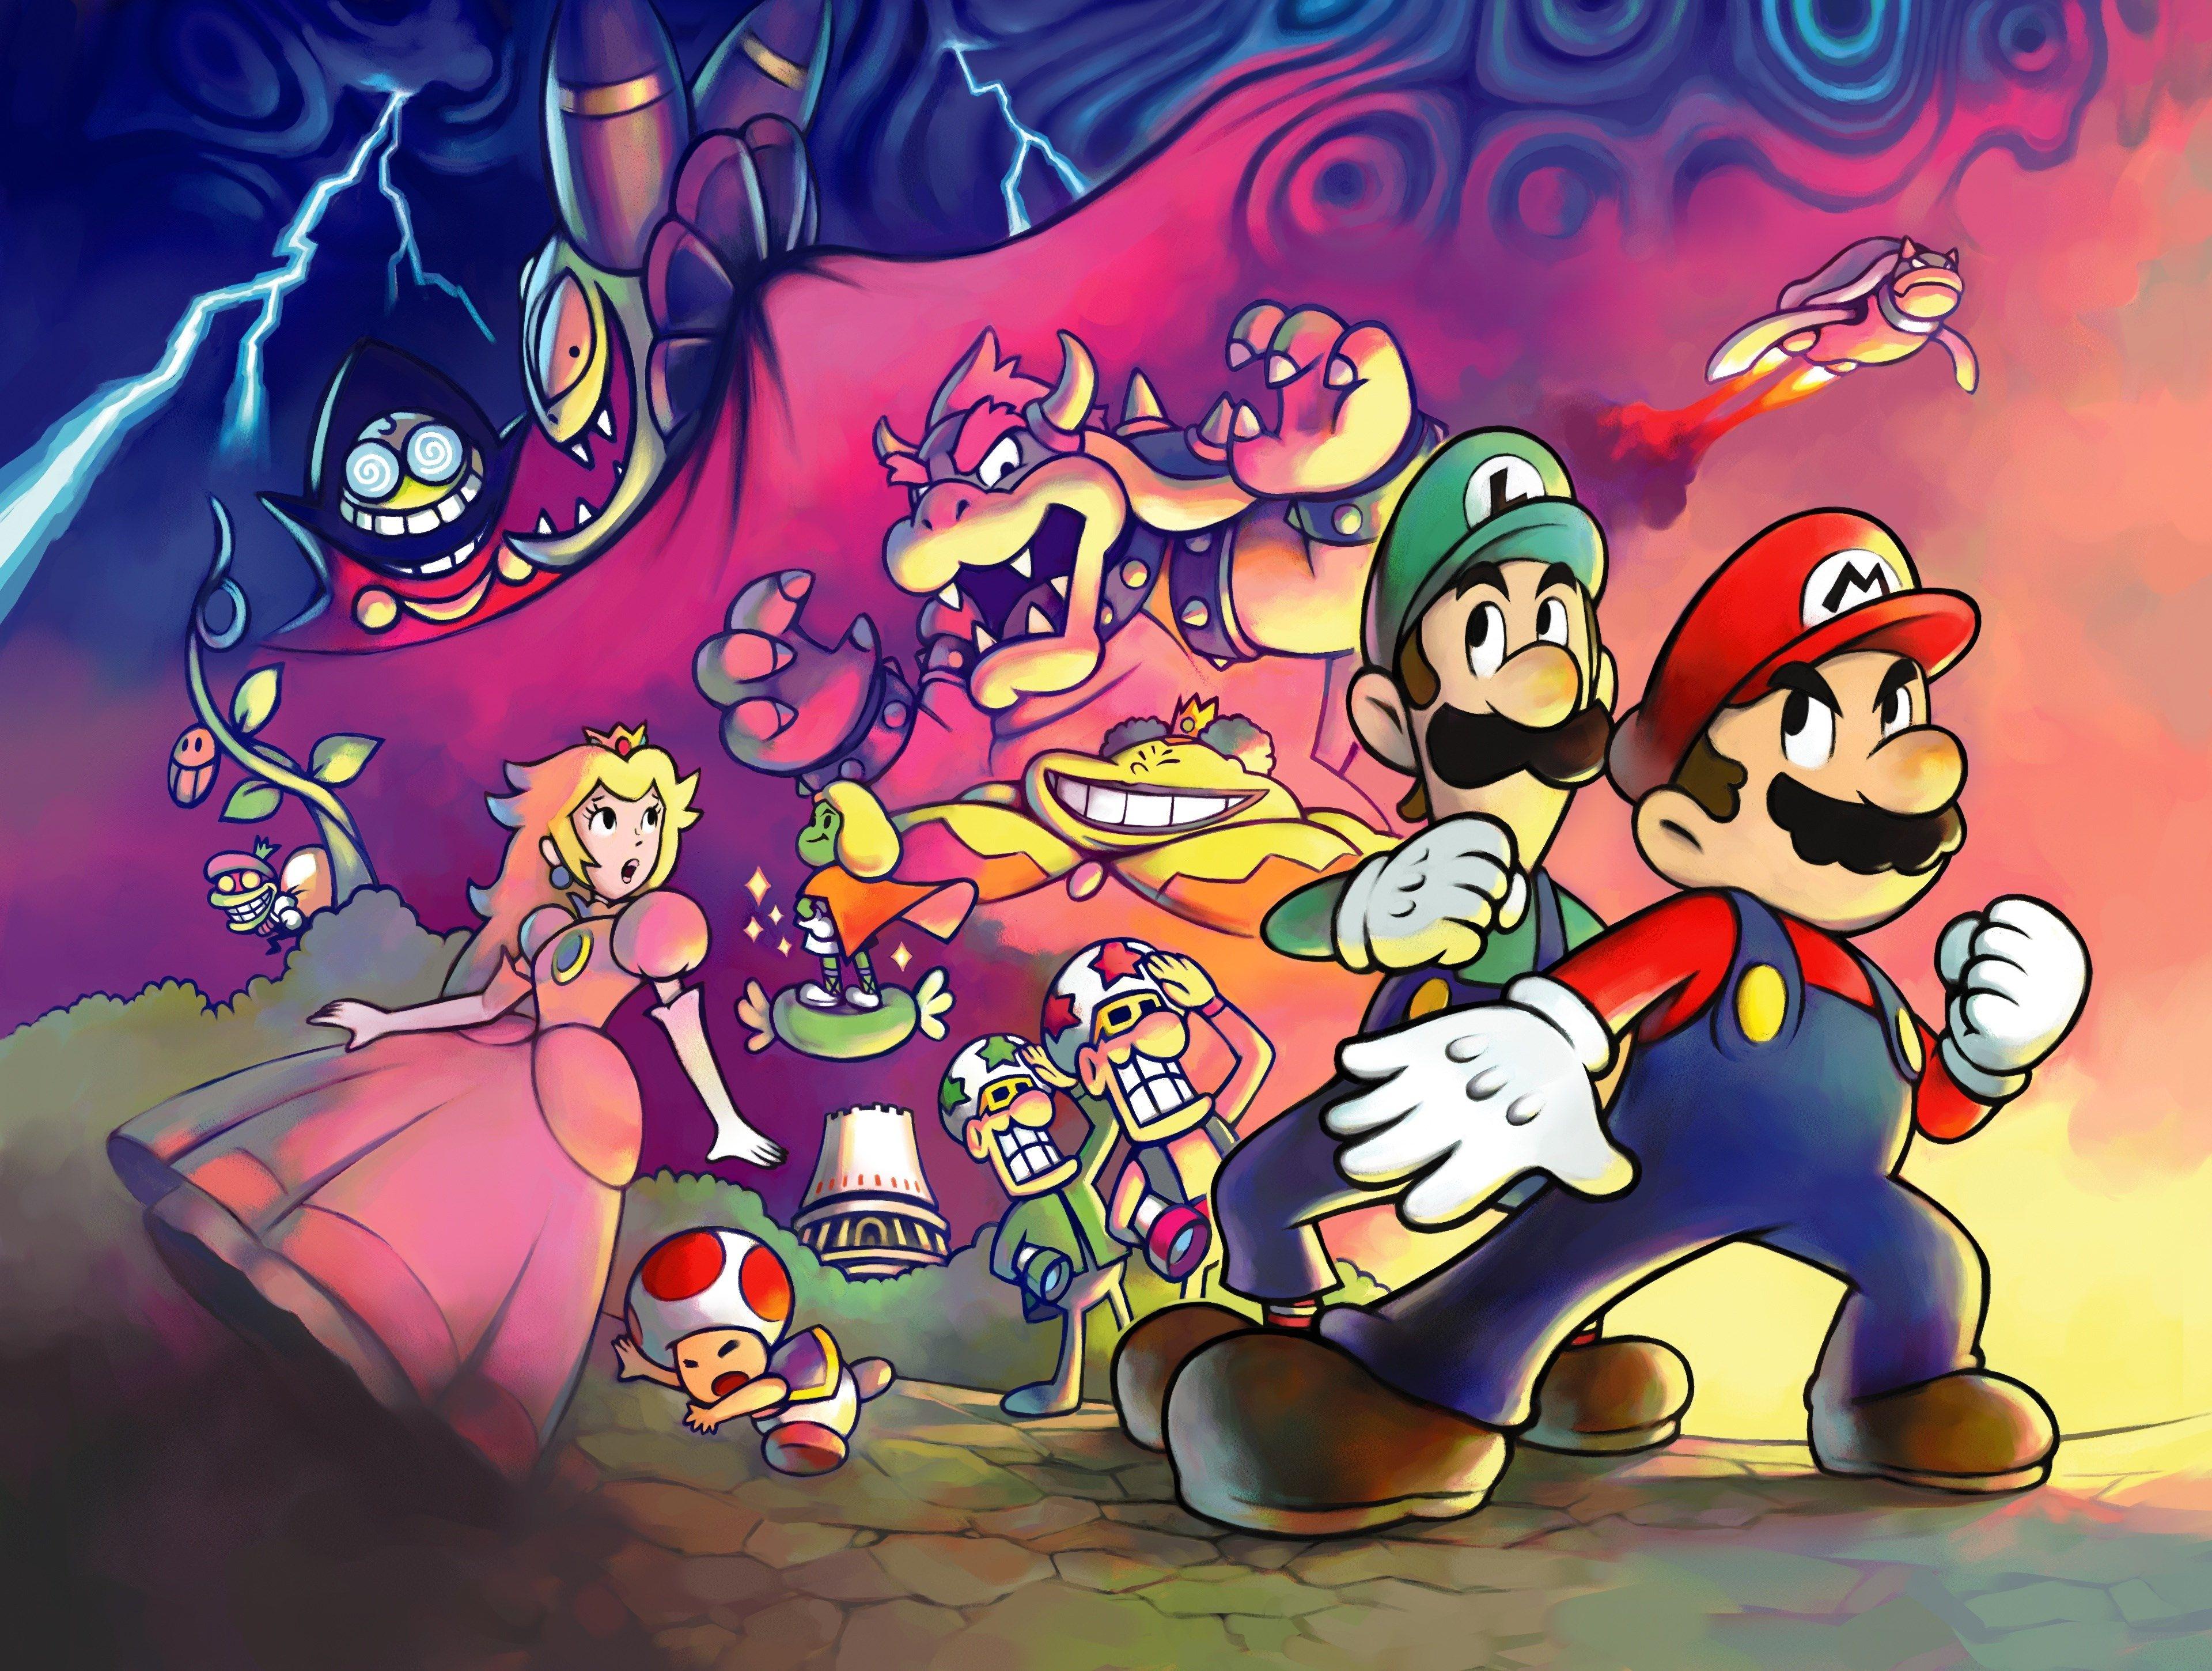 Super Mario Wallpaper 4k